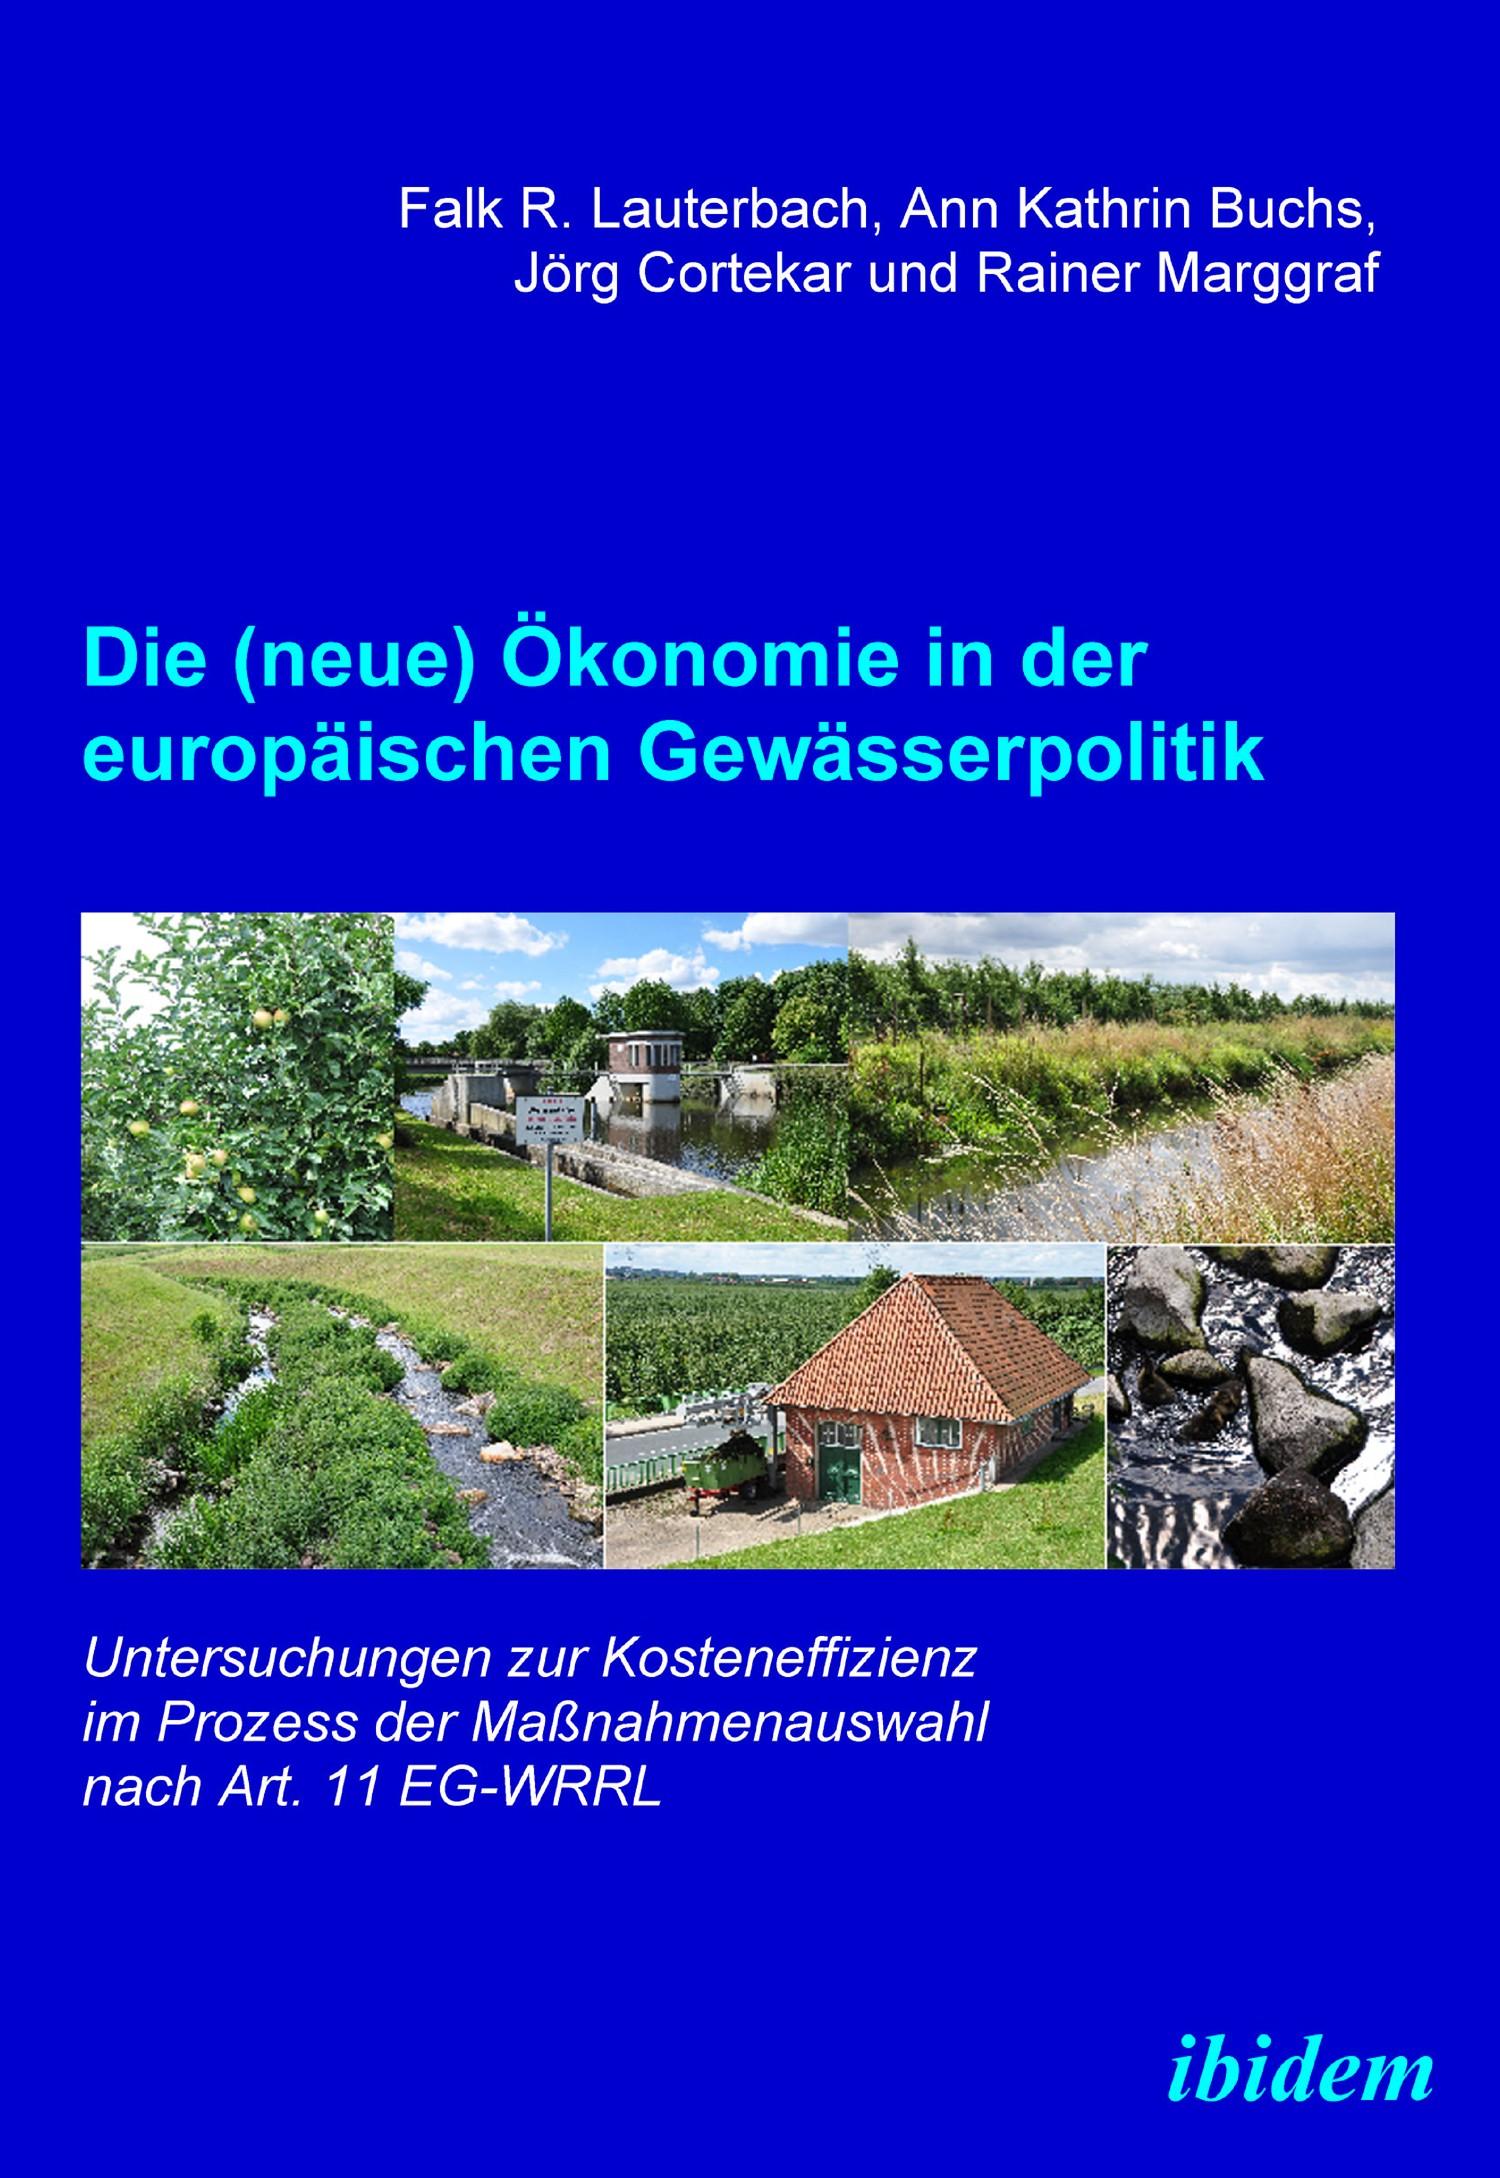 Die (neue) Ökonomie in der europäischen Gewässerpolitik